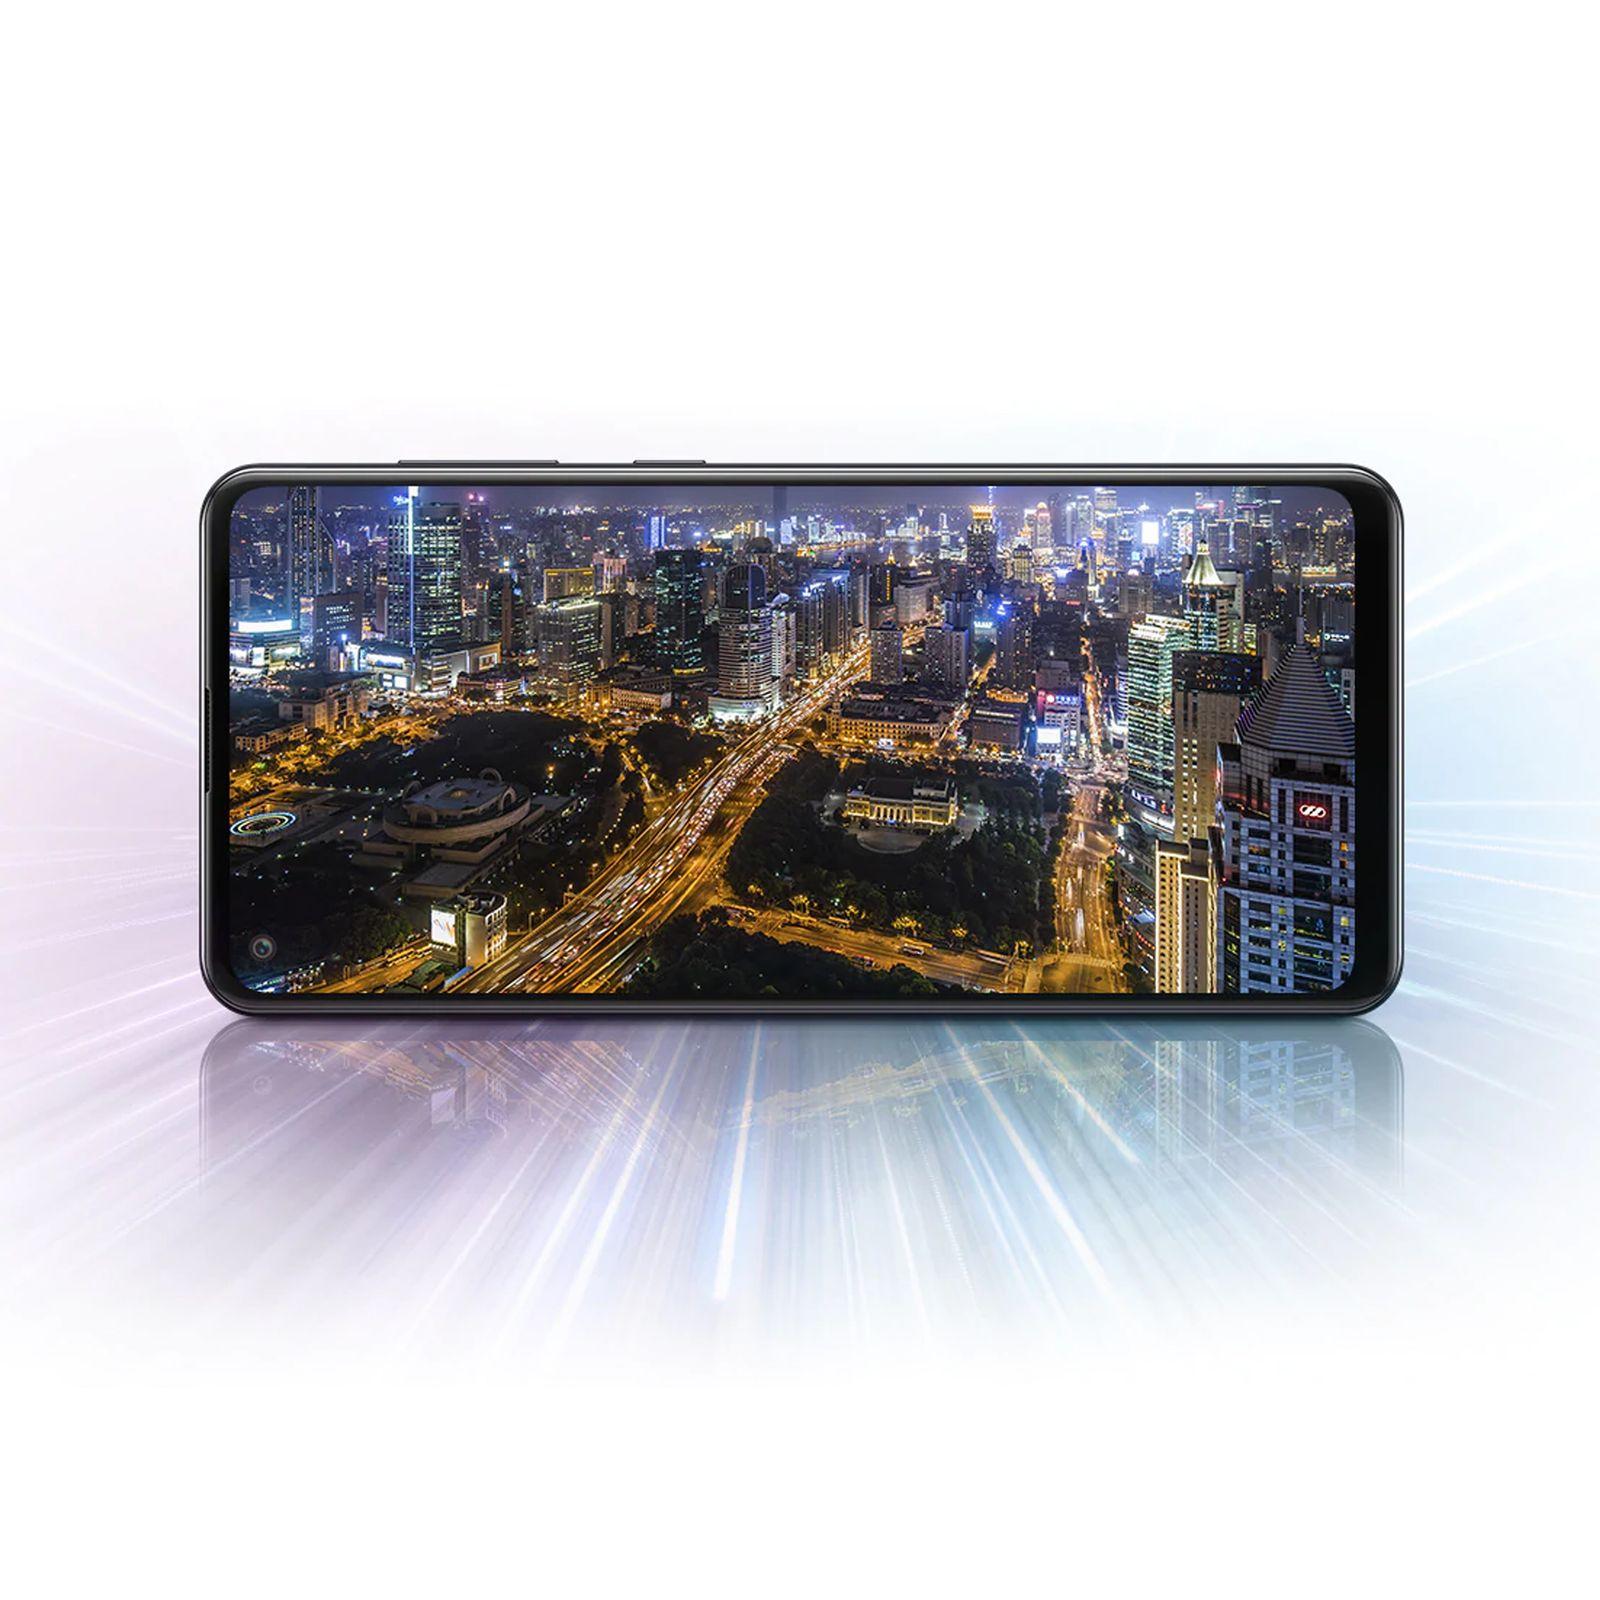 گوشی موبایل سامسونگ مدل Galaxy A21S SM-A217F/DS دو سیمکارت ظرفیت 64 گیگابایت main 1 14